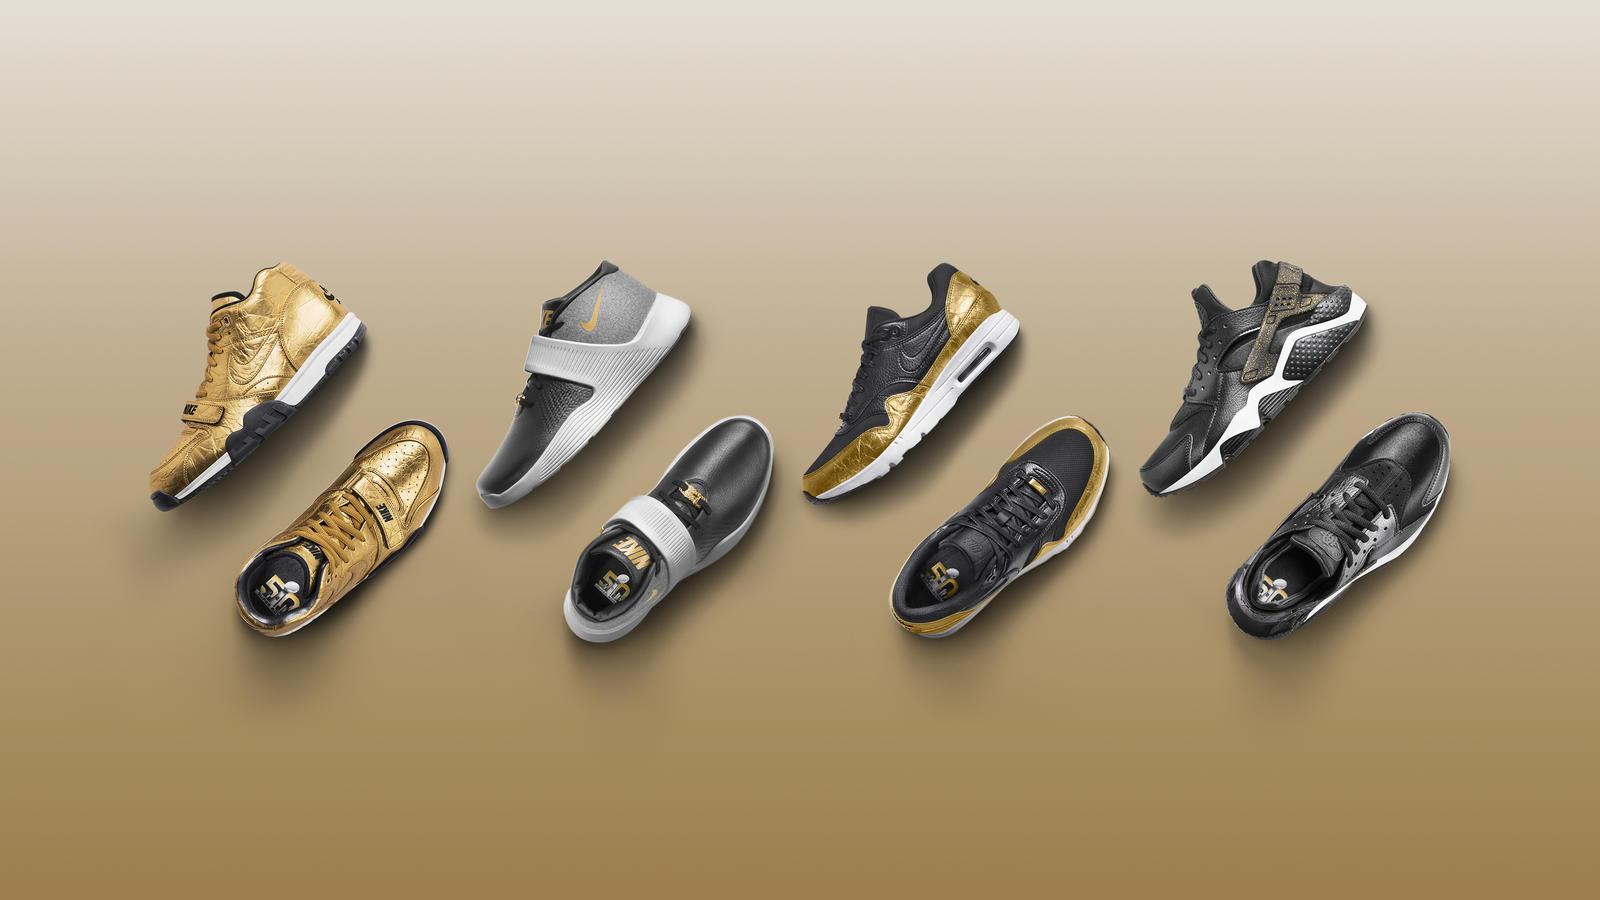 Nike-gold_superBowl_50_footwear.jpg